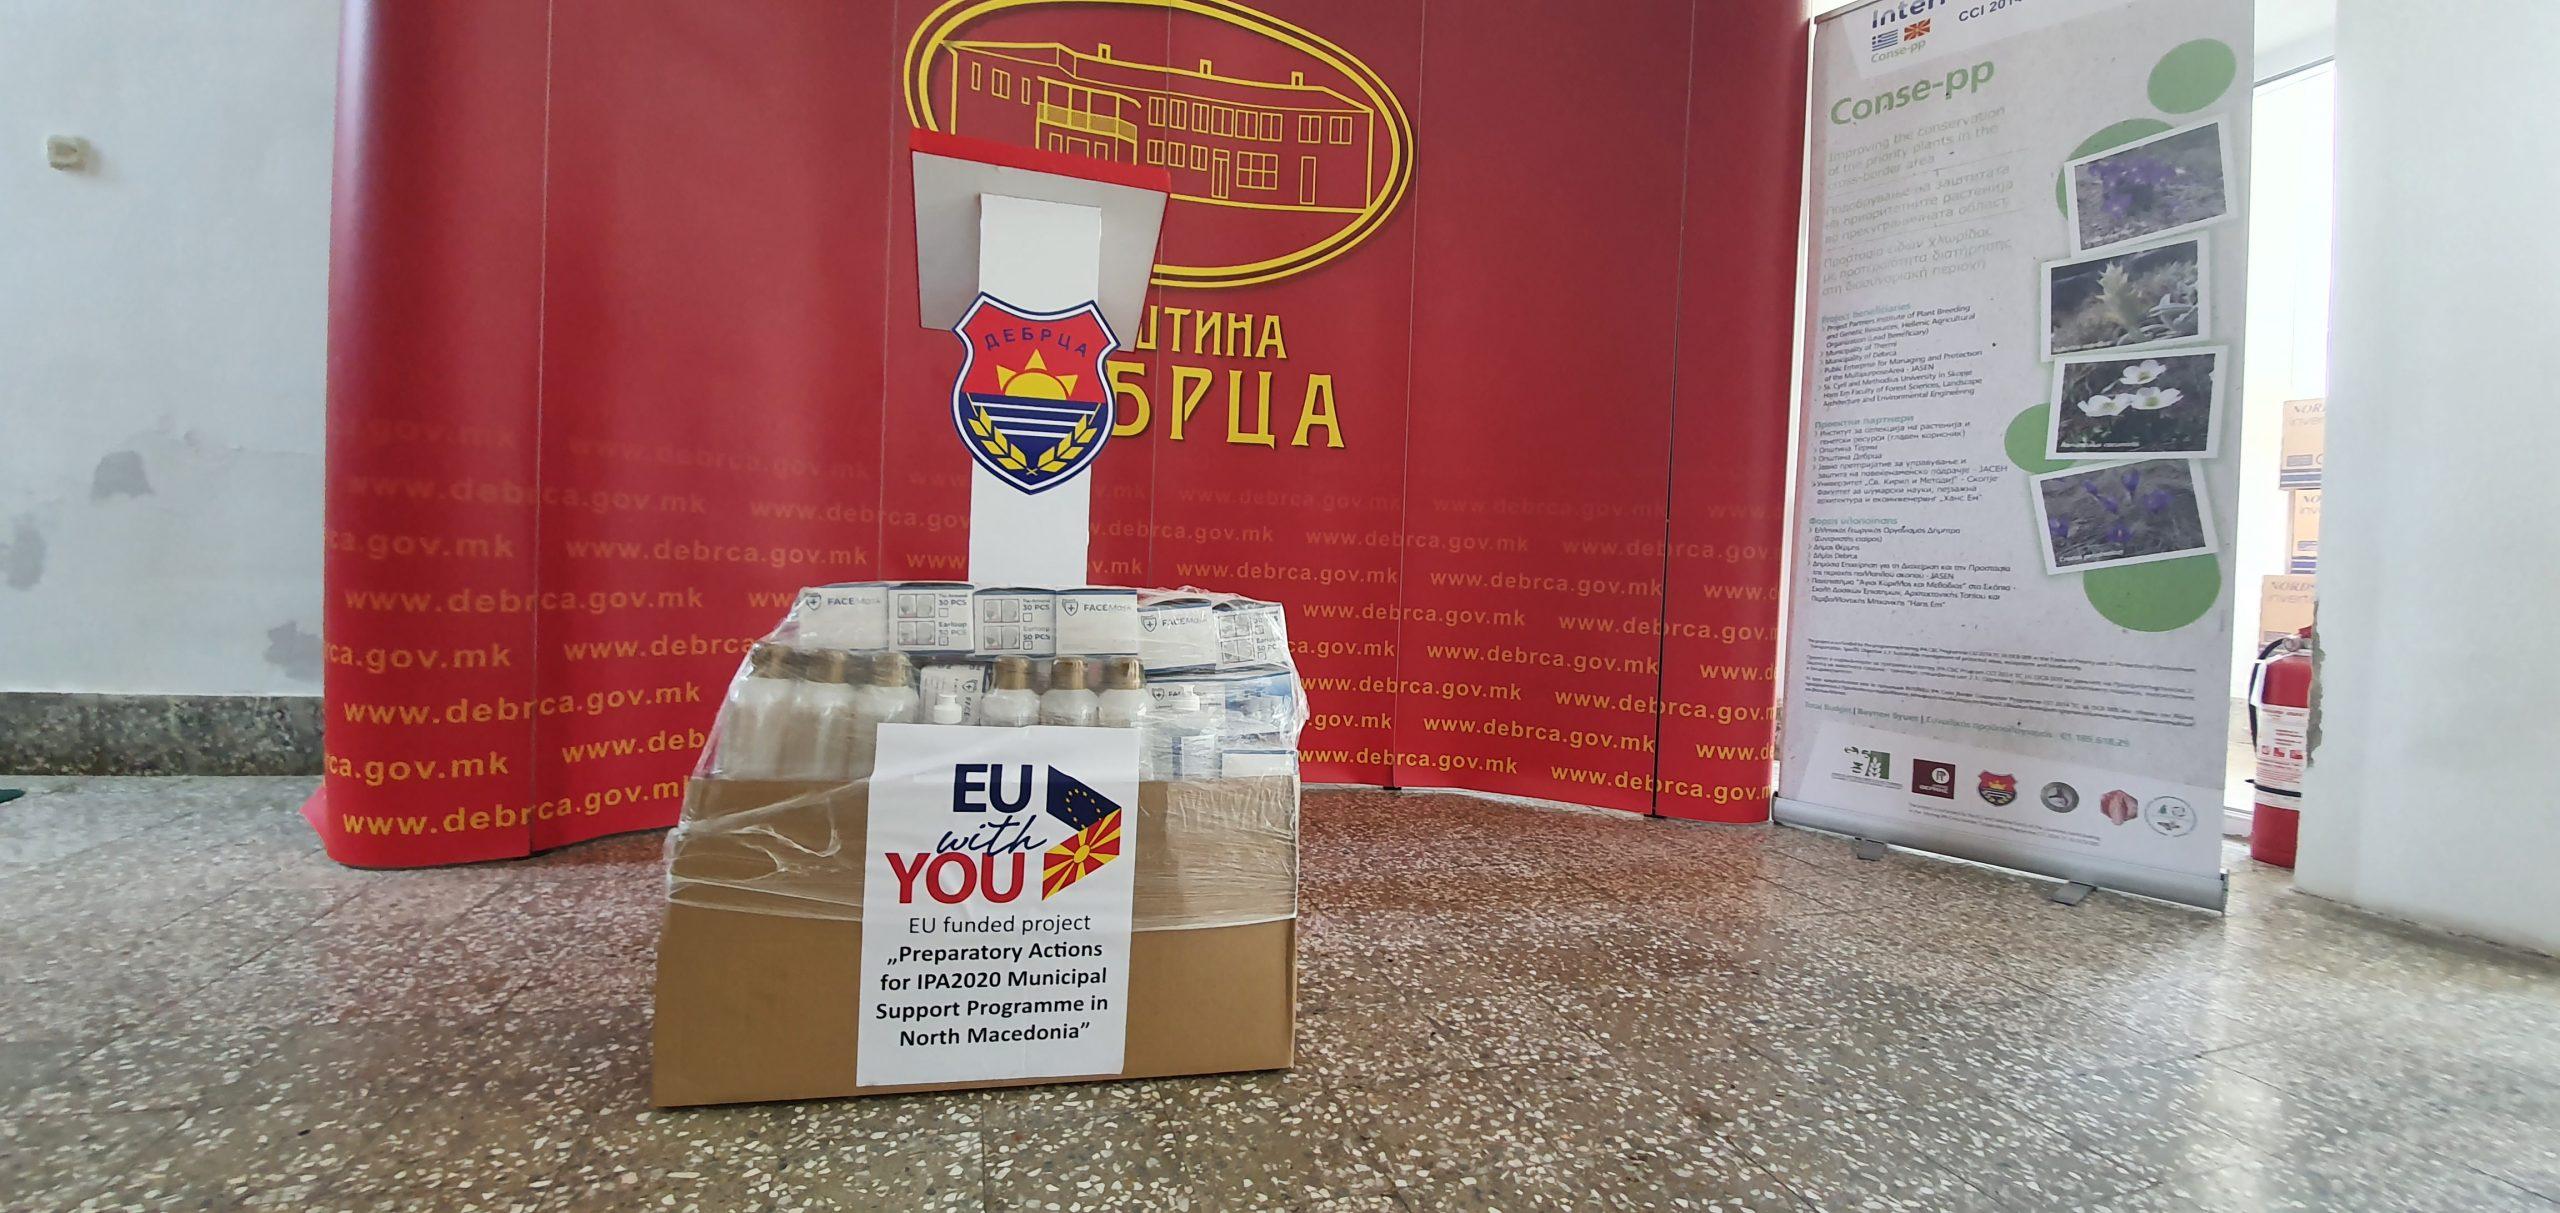 Општина Дебрца доби донација, заштитни маски и дезифициенци од ЕУ